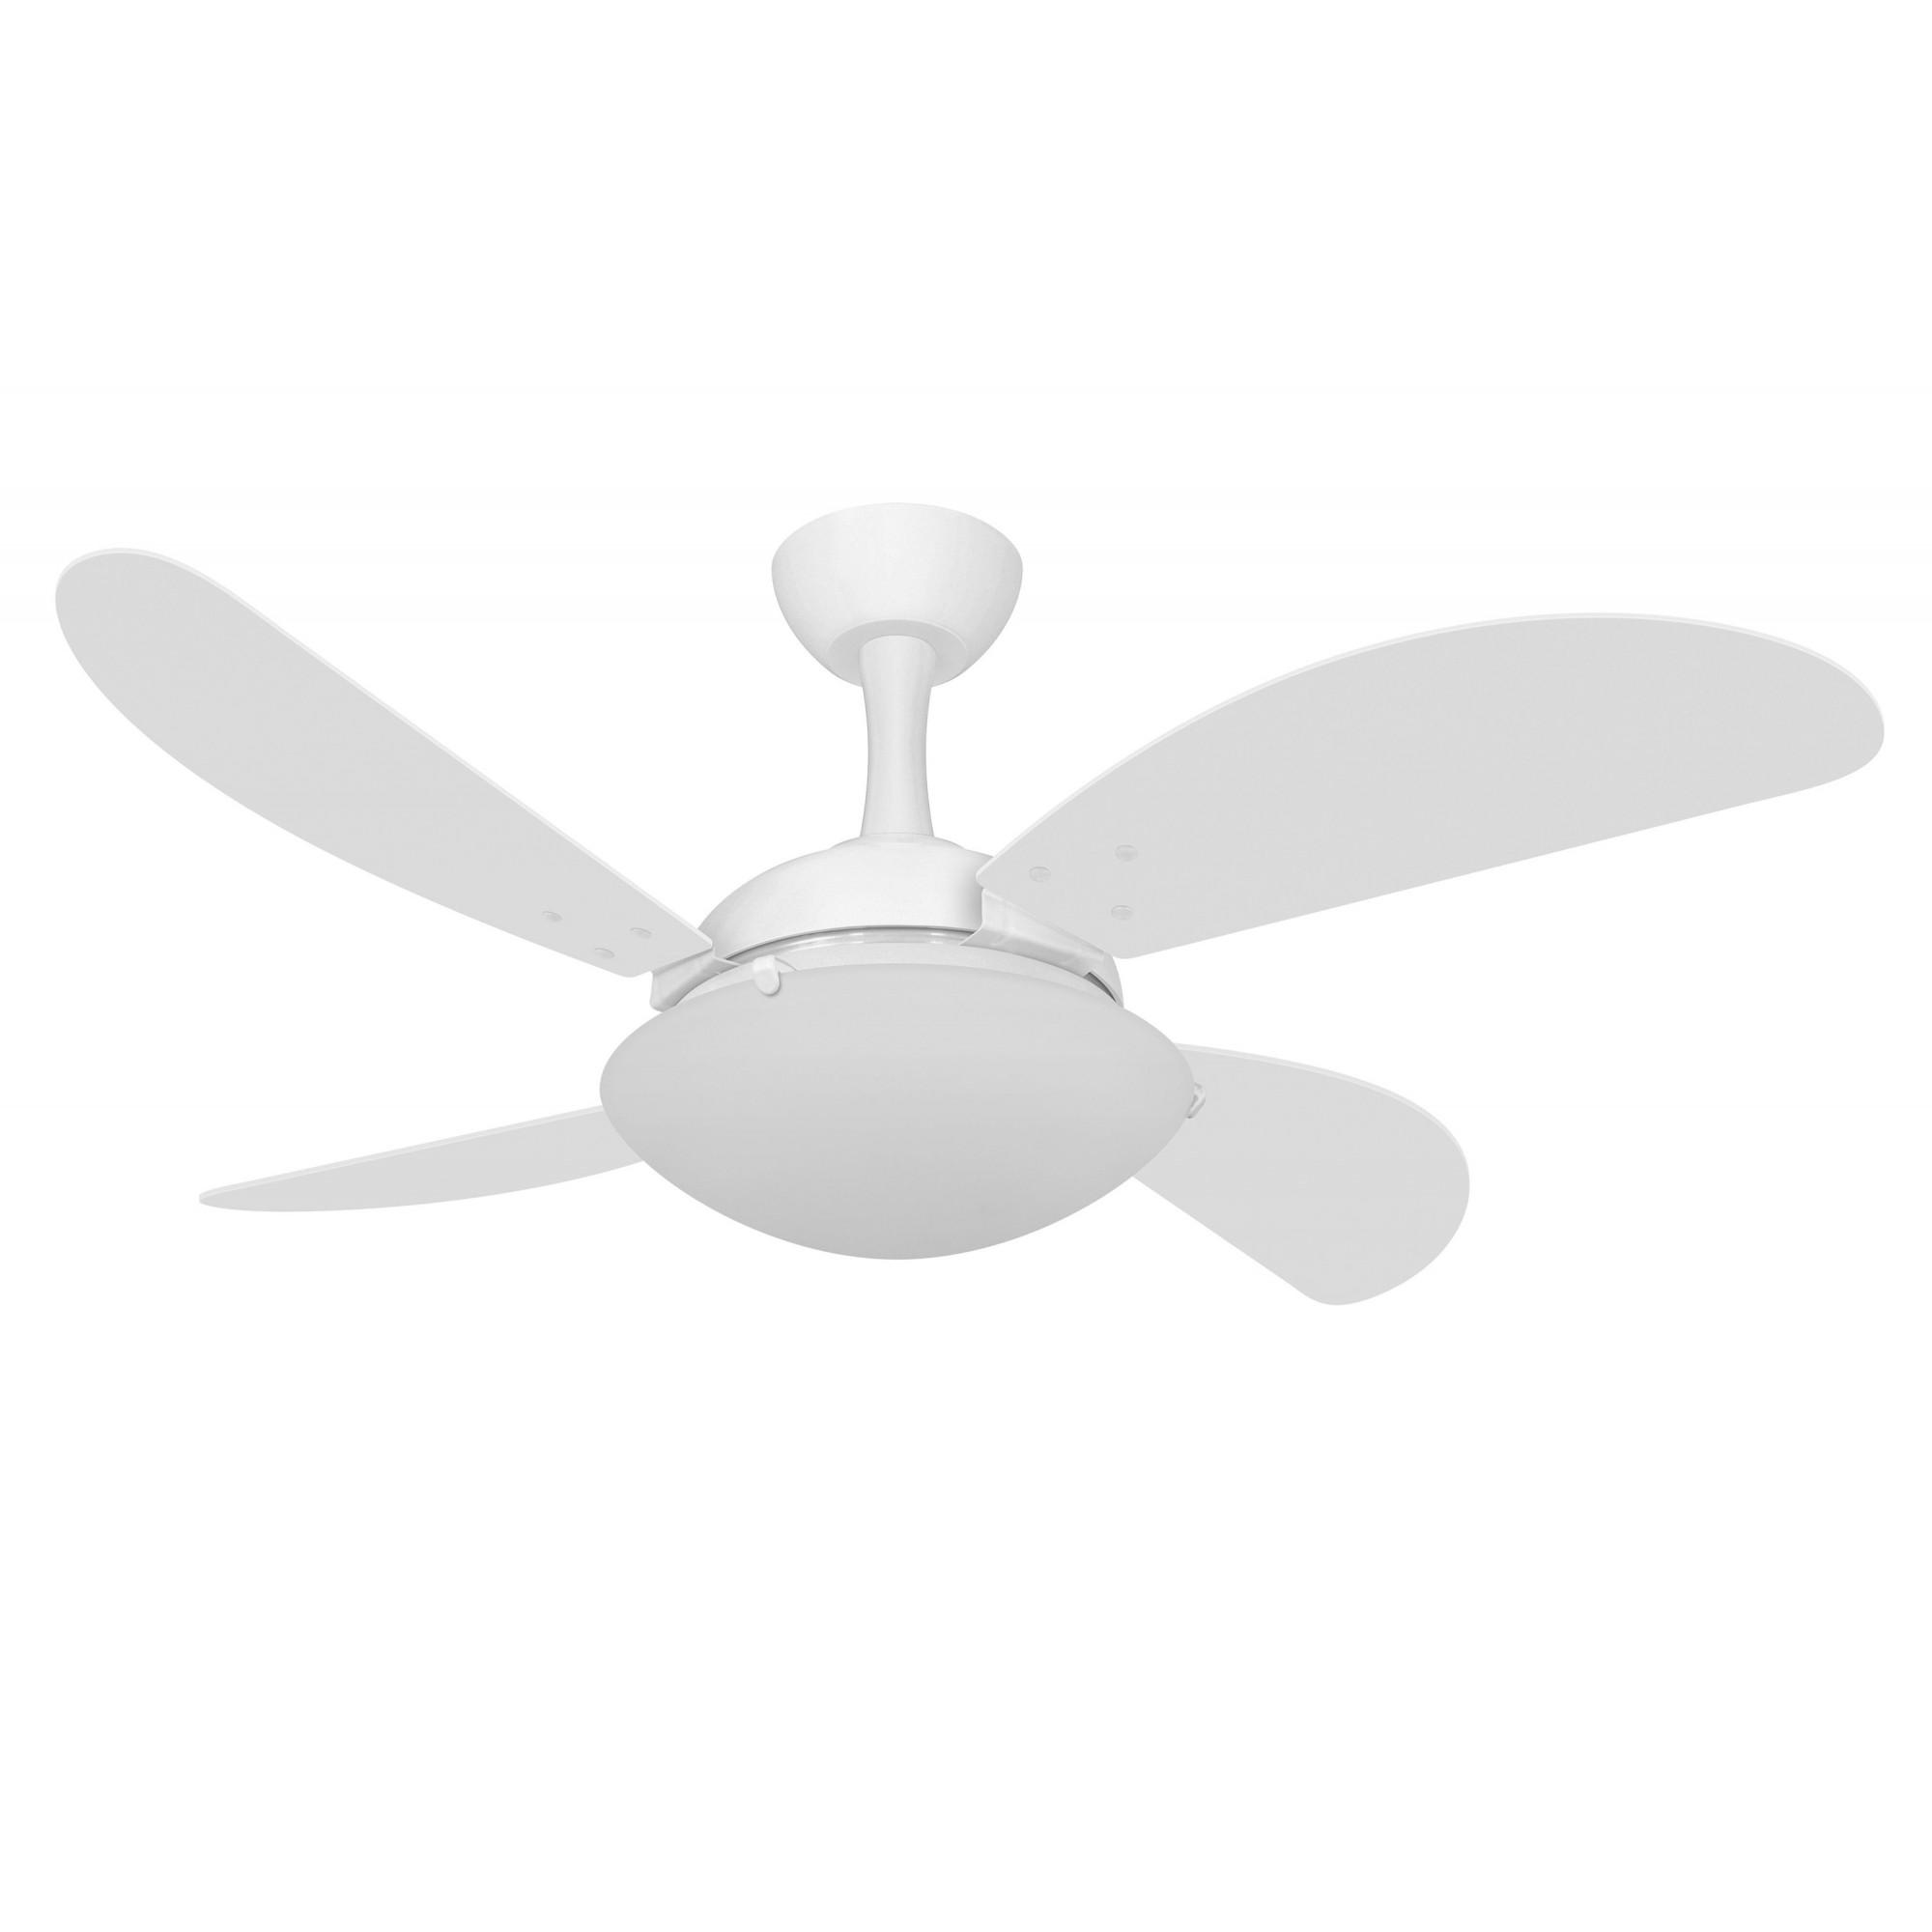 Ventilador de Teto Ventax Uno Fly Branco 4 Pás de MDF 220V